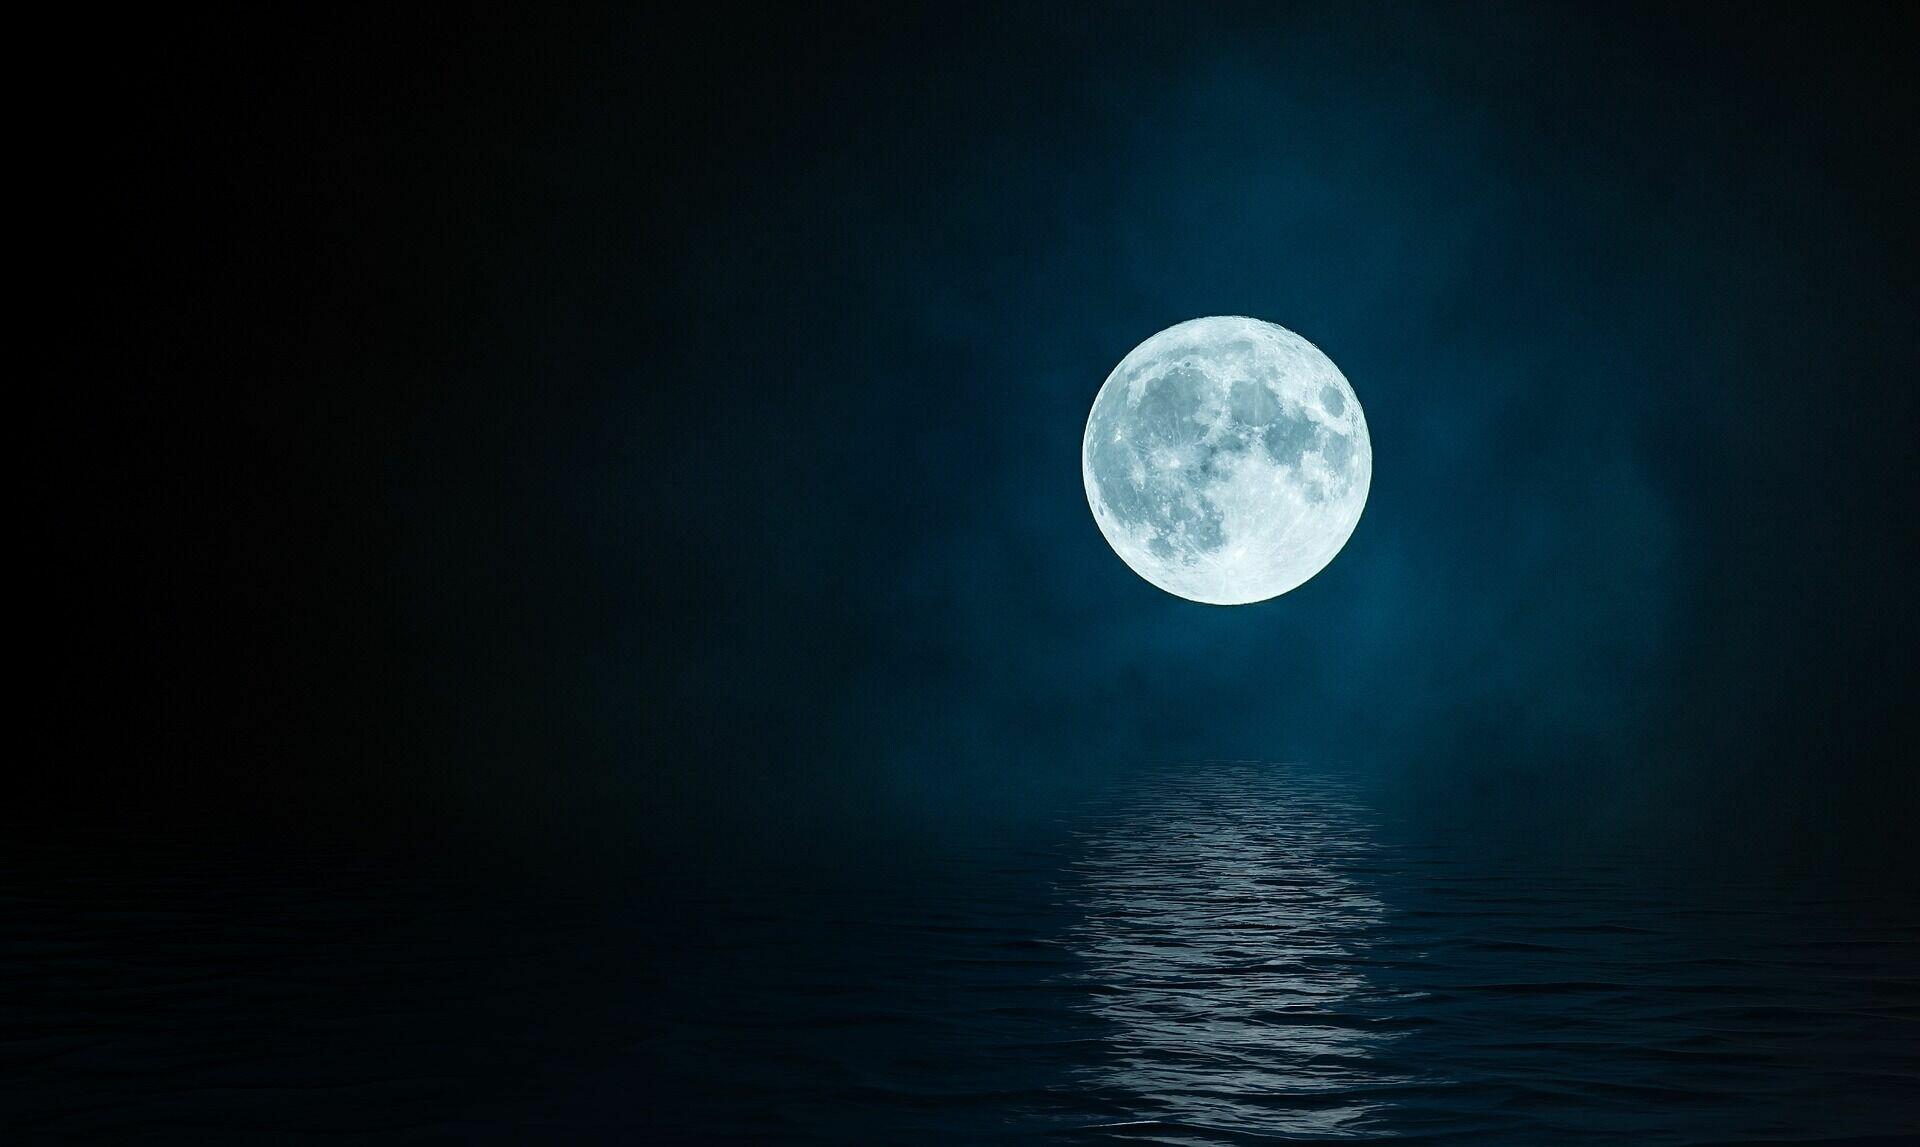 """18 июля было принято вечером выходить на улицу и смотреть, как месяц """"играет"""" в небе"""